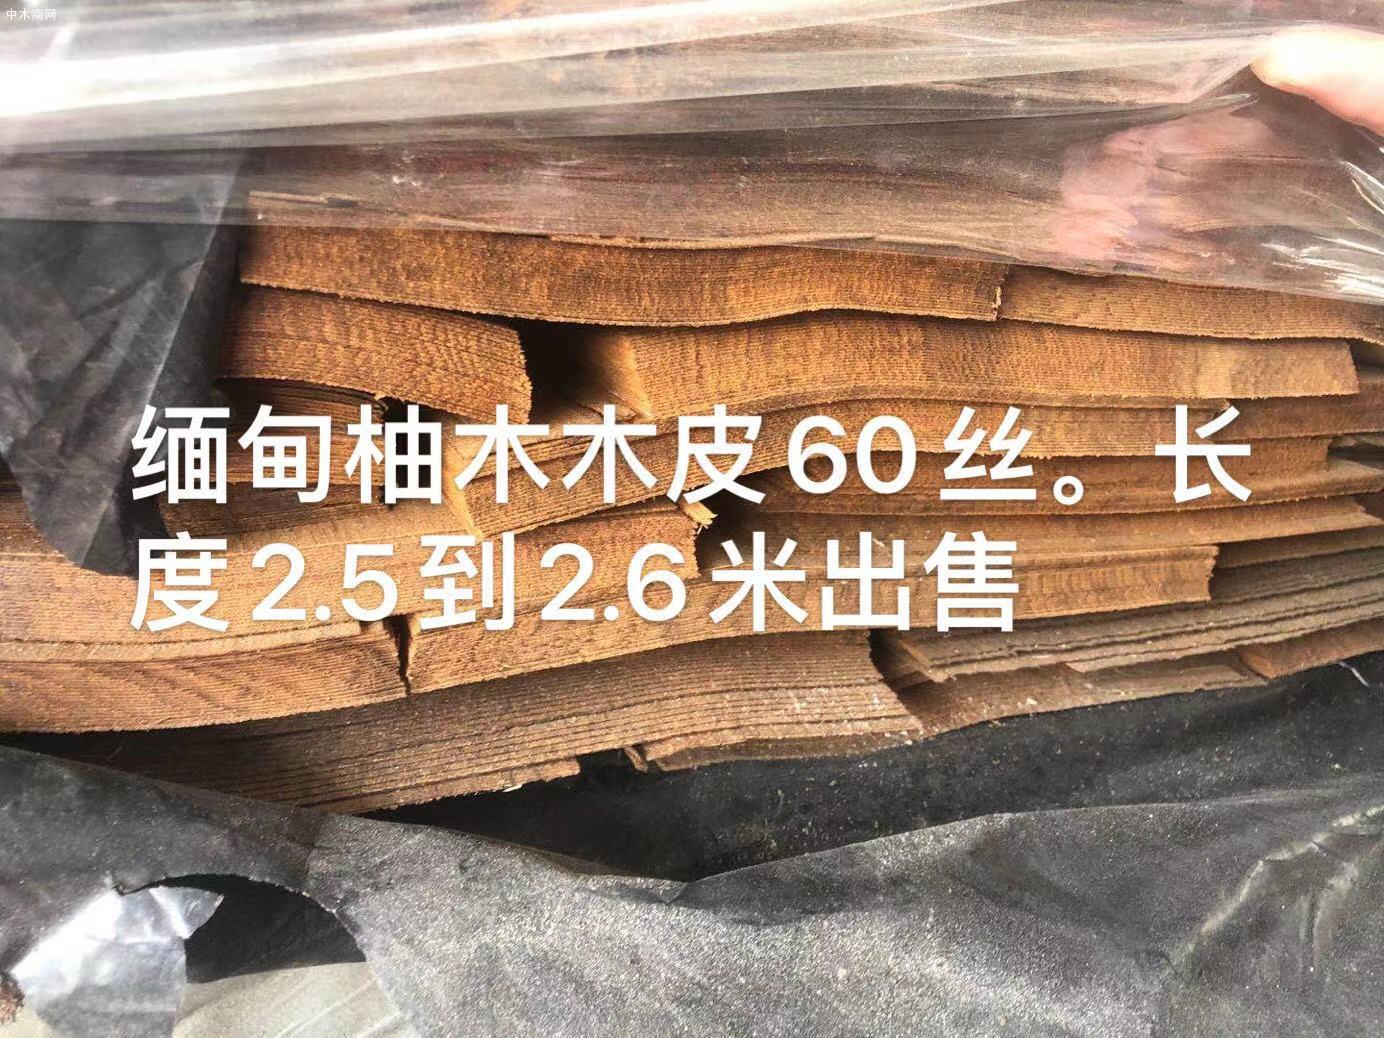 缅甸柚木木皮60丝生产厂家批发